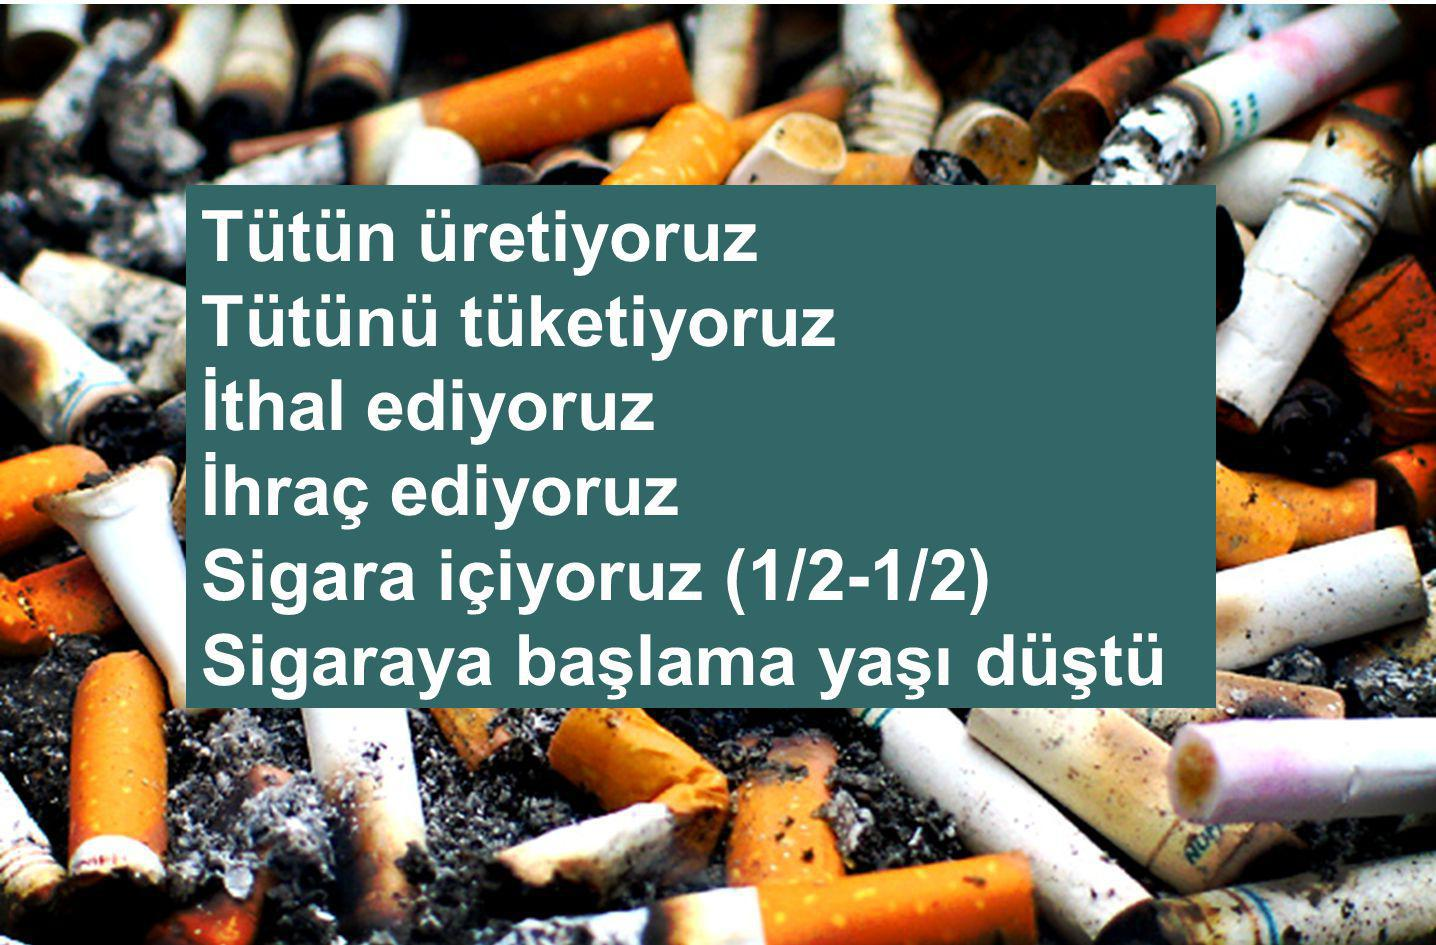 Türkiye'de Sağlık Çalışanlarında Sigara İçme Prevalansı ■ Hekimler : 45 - 54% (E: %40-66, K: %20-41) ■ Hemşireler: 51% ■ Diş Hek.: 52% (E: %52, K: %33) ■ Tıp Öğr.: 38% (E: %48, K: %23) Bilir, N., Güçiz, B., Yıldız, N., 1999, Erbaycu A.E.,Toraks Dergisi 5:1;2004, Cooper R.